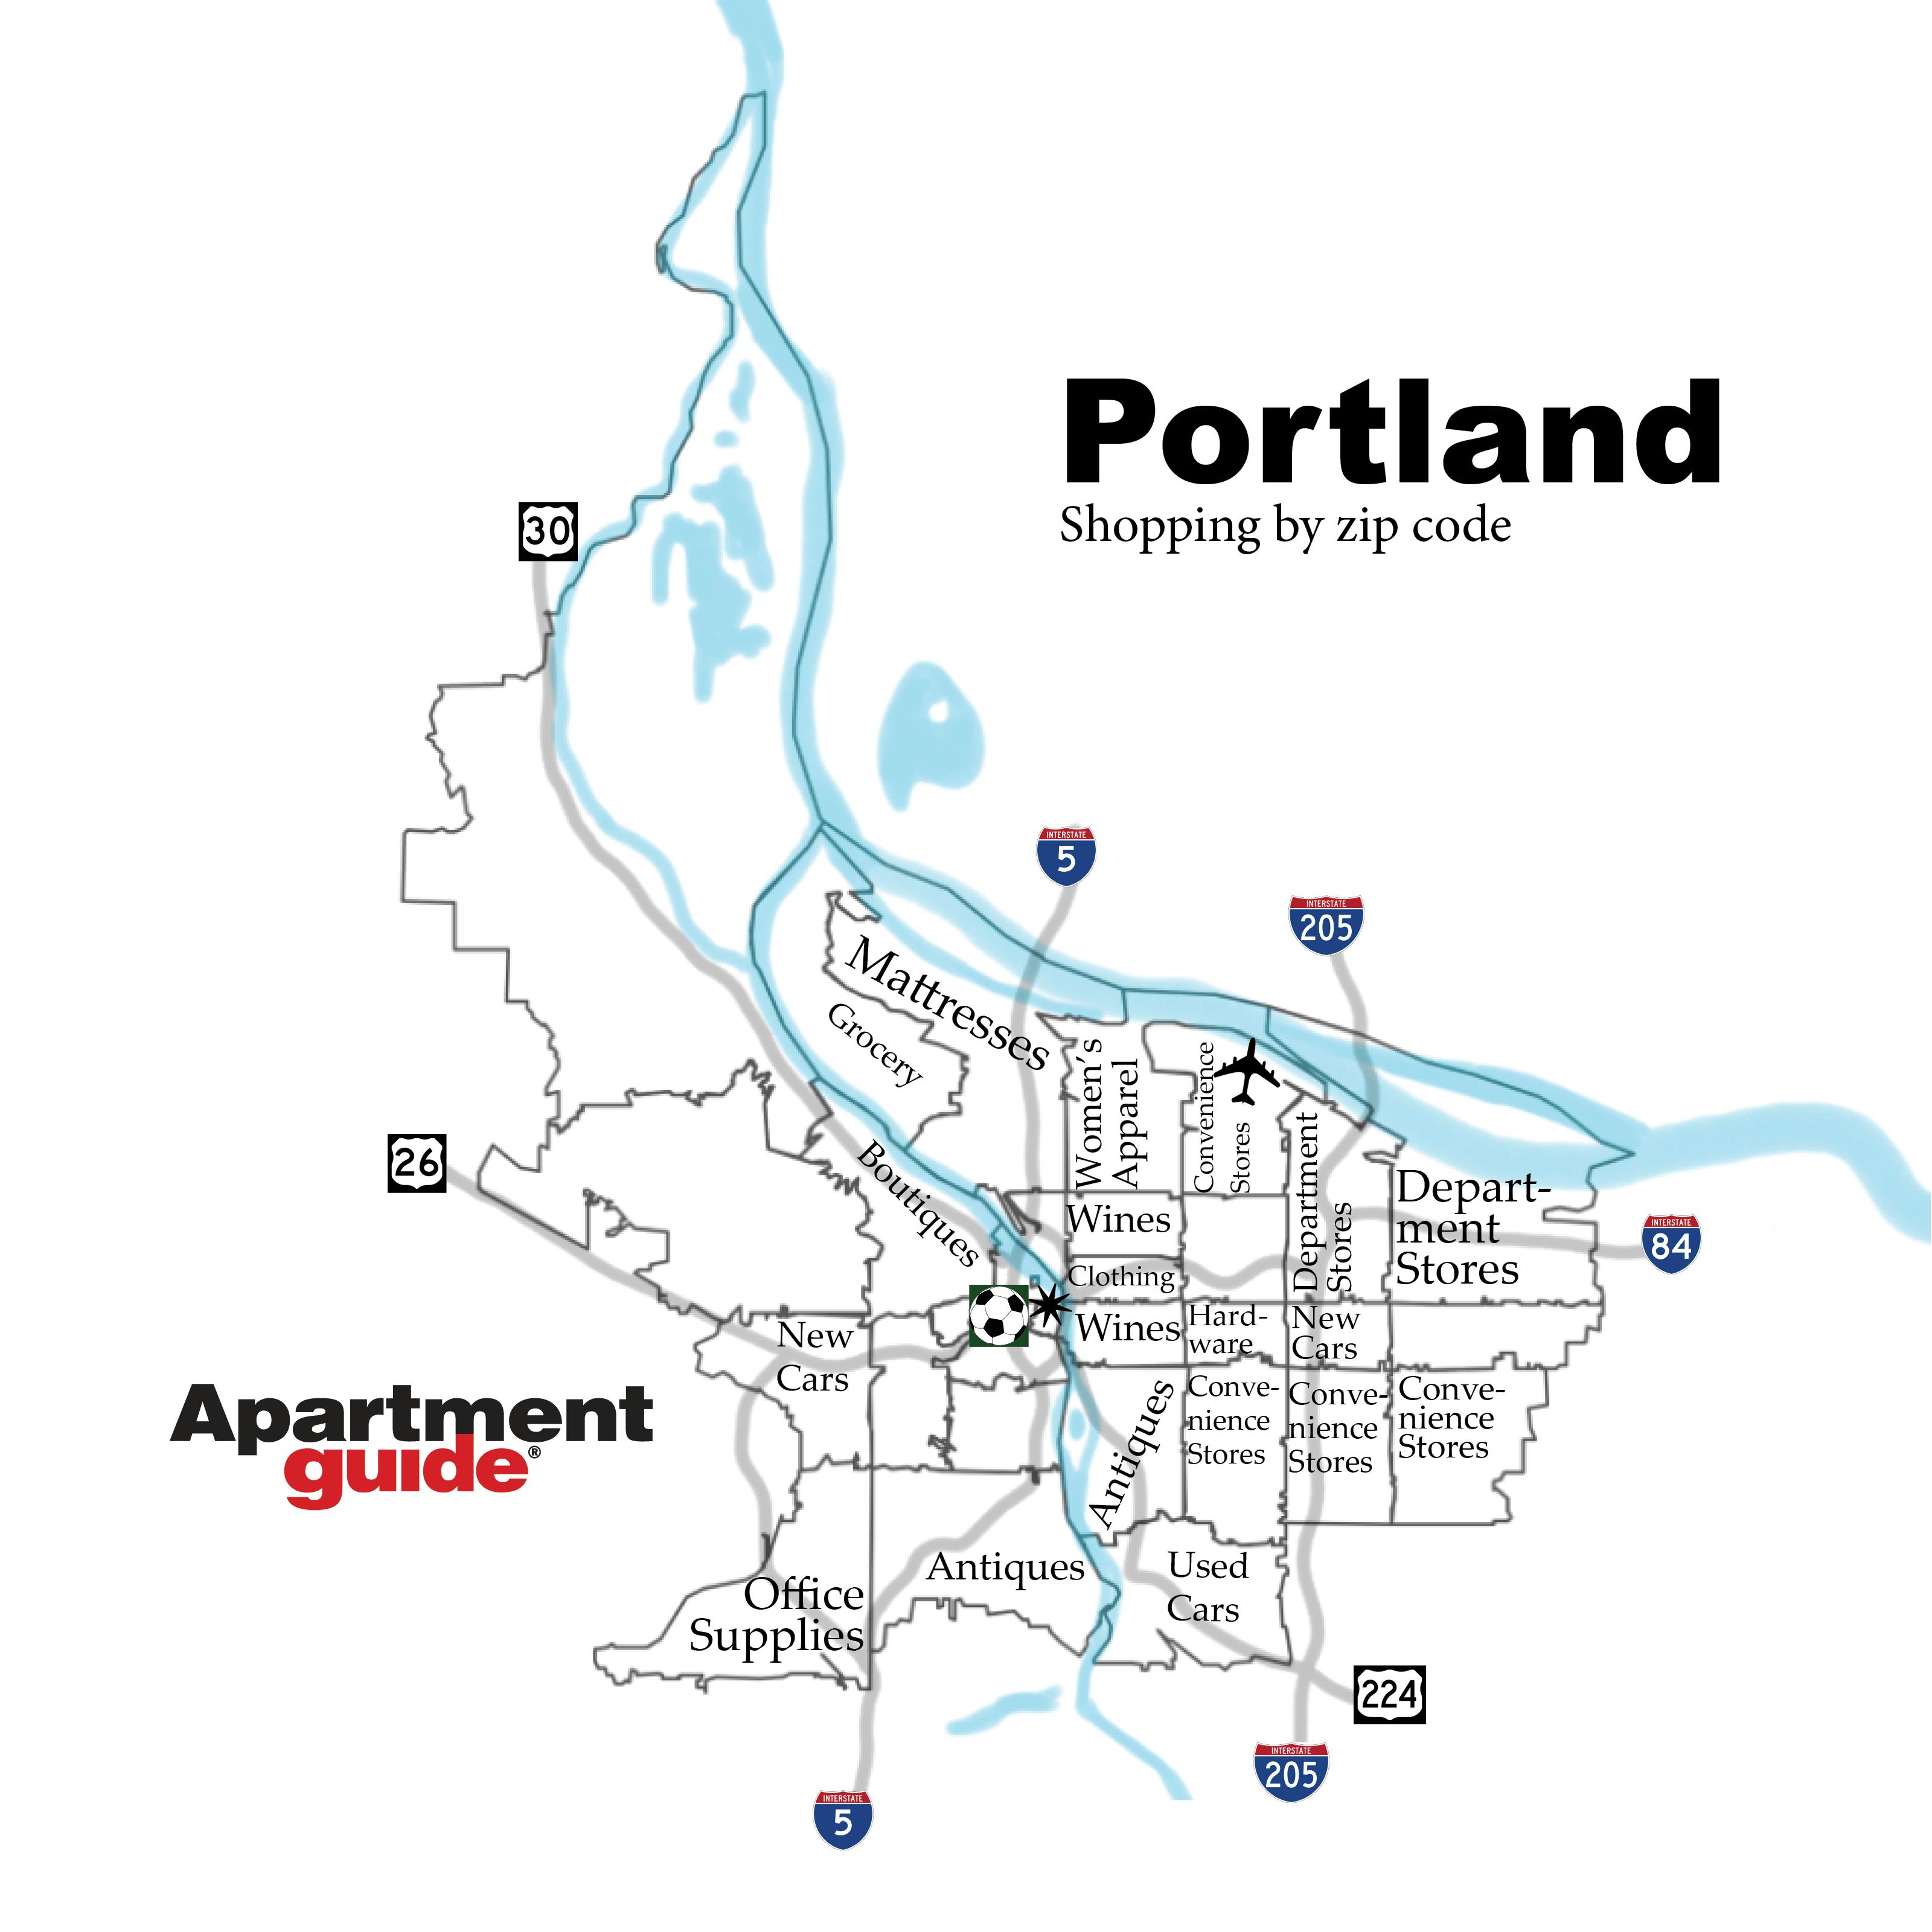 Portland shopping by zip code